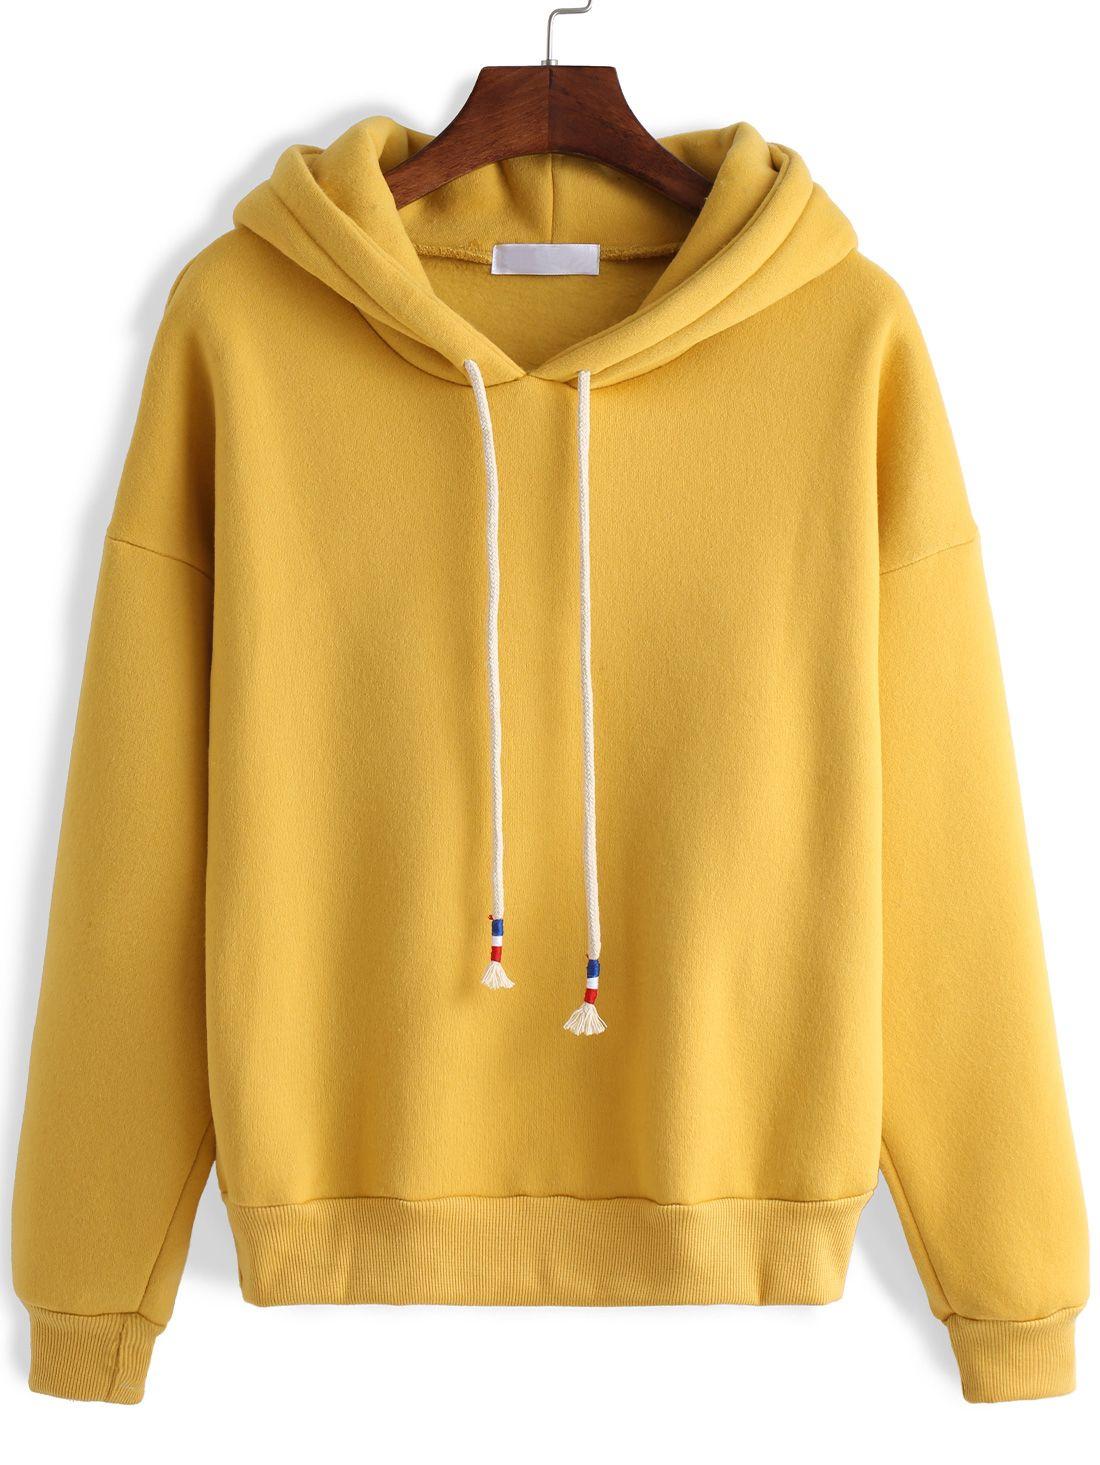 Hooded Zipper Loose Yellow Sweatshirt | sweatshirts ...